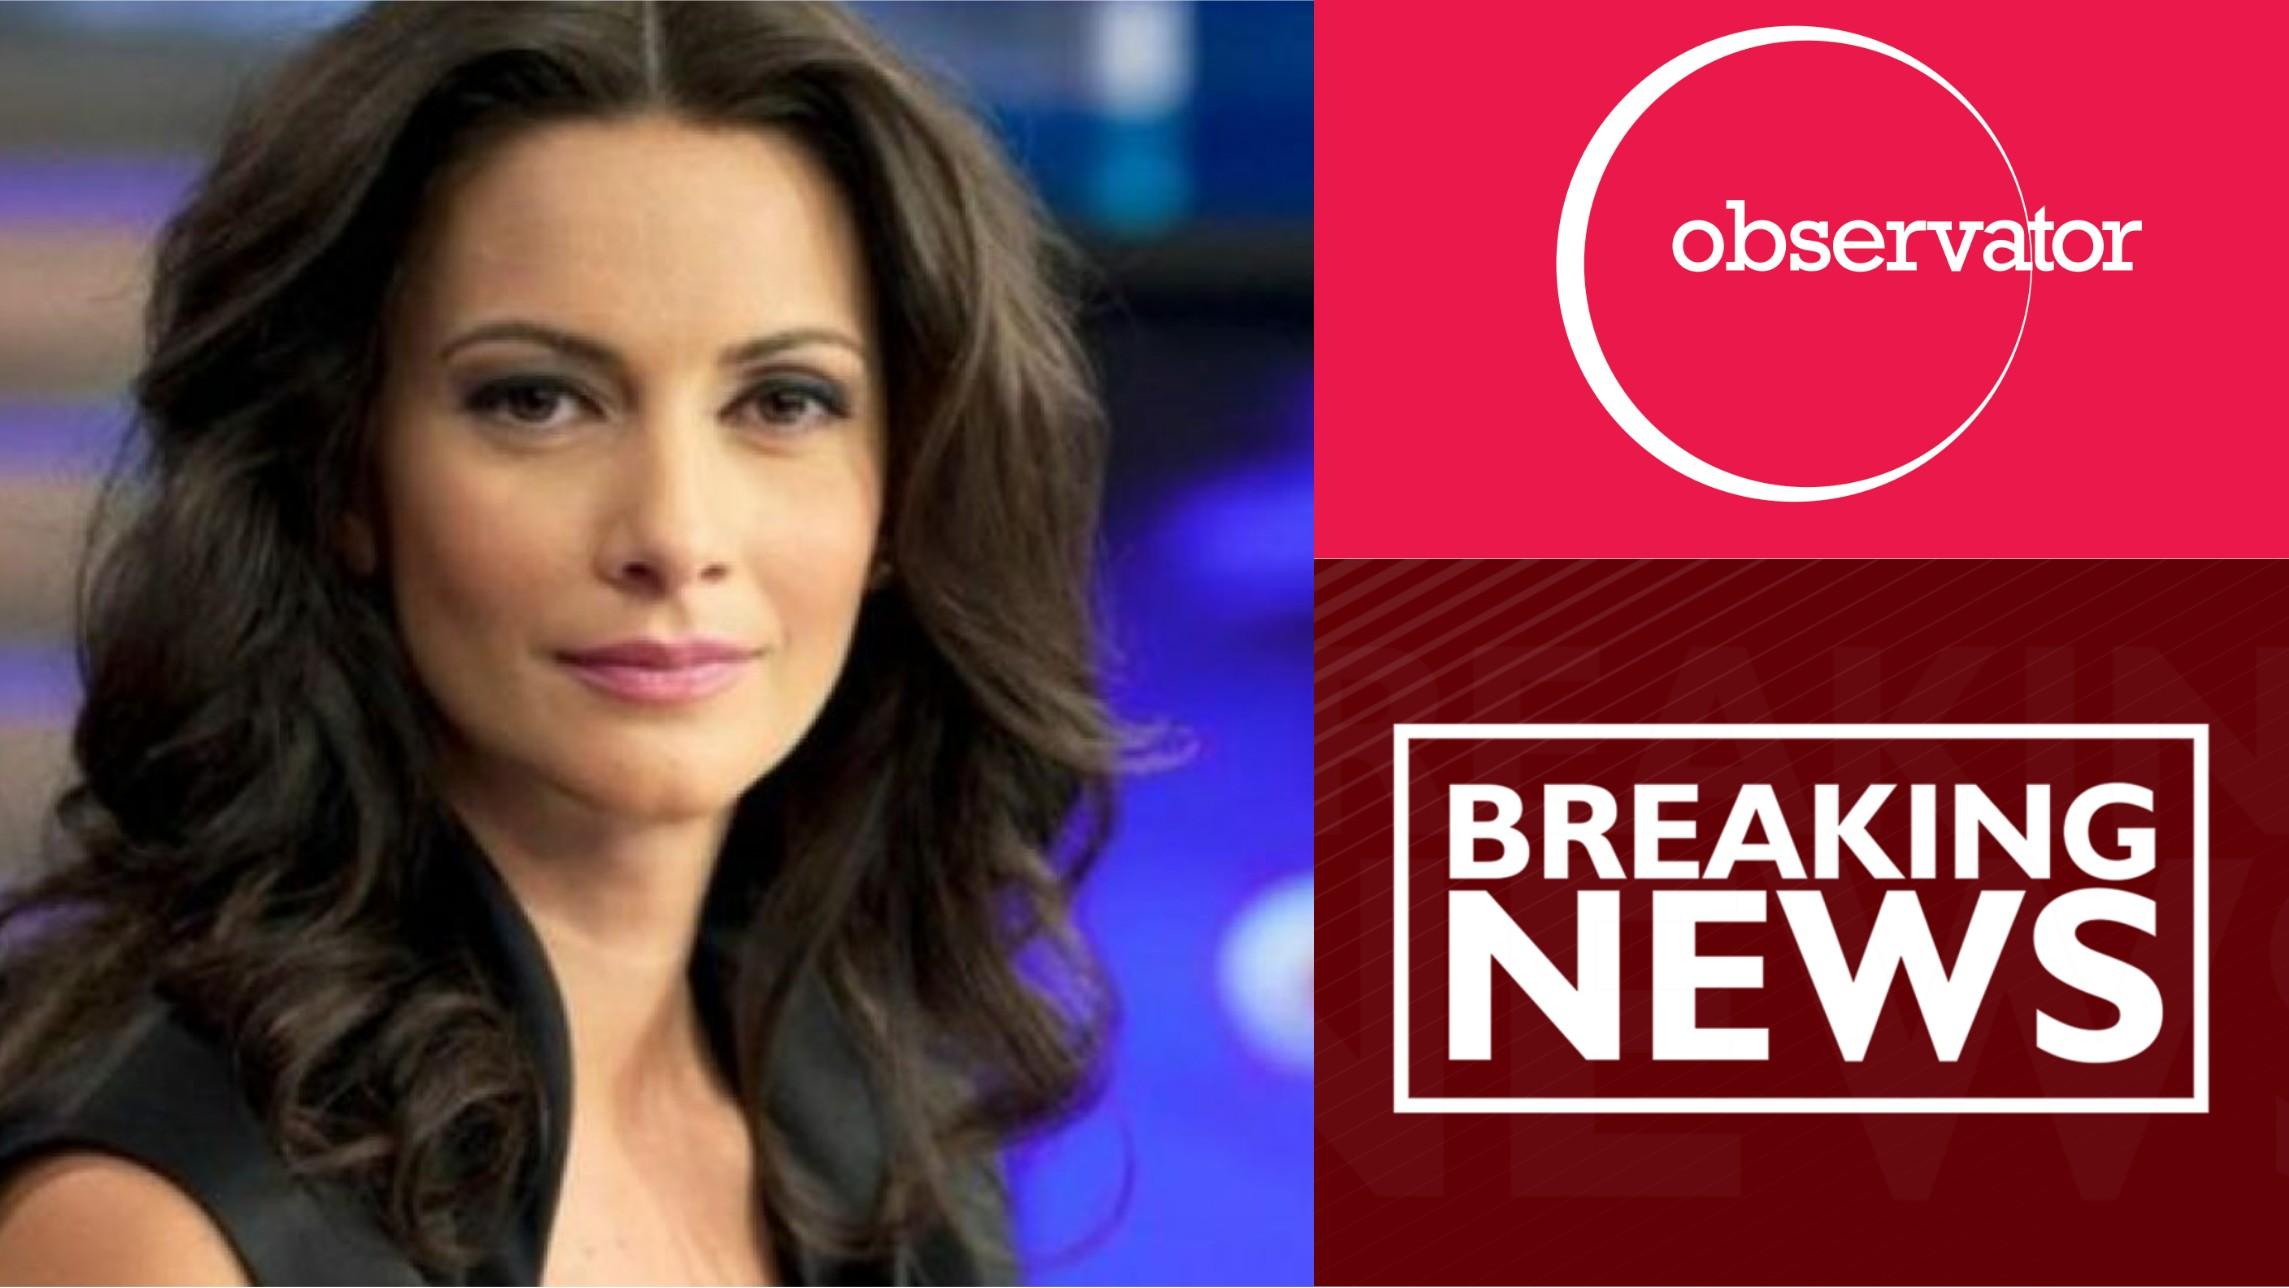 """Andreea Berecleanu părăsește """"Observatorul"""" și ANTENA 1 – """"Nu voi accepta situaţii impuse"""""""